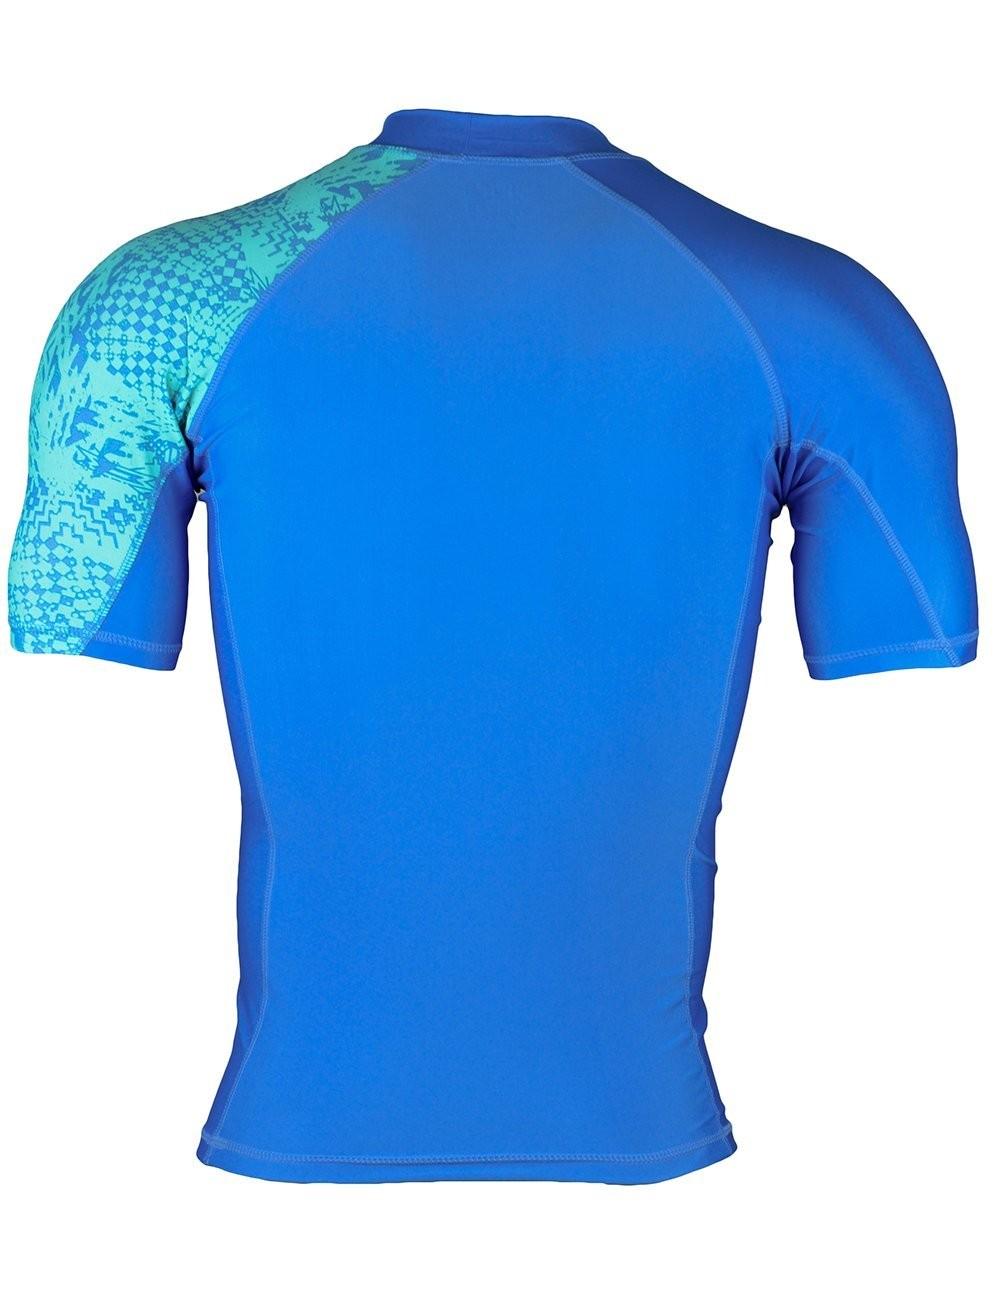 High quality custom made compression rash guard shirts for High quality custom shirts